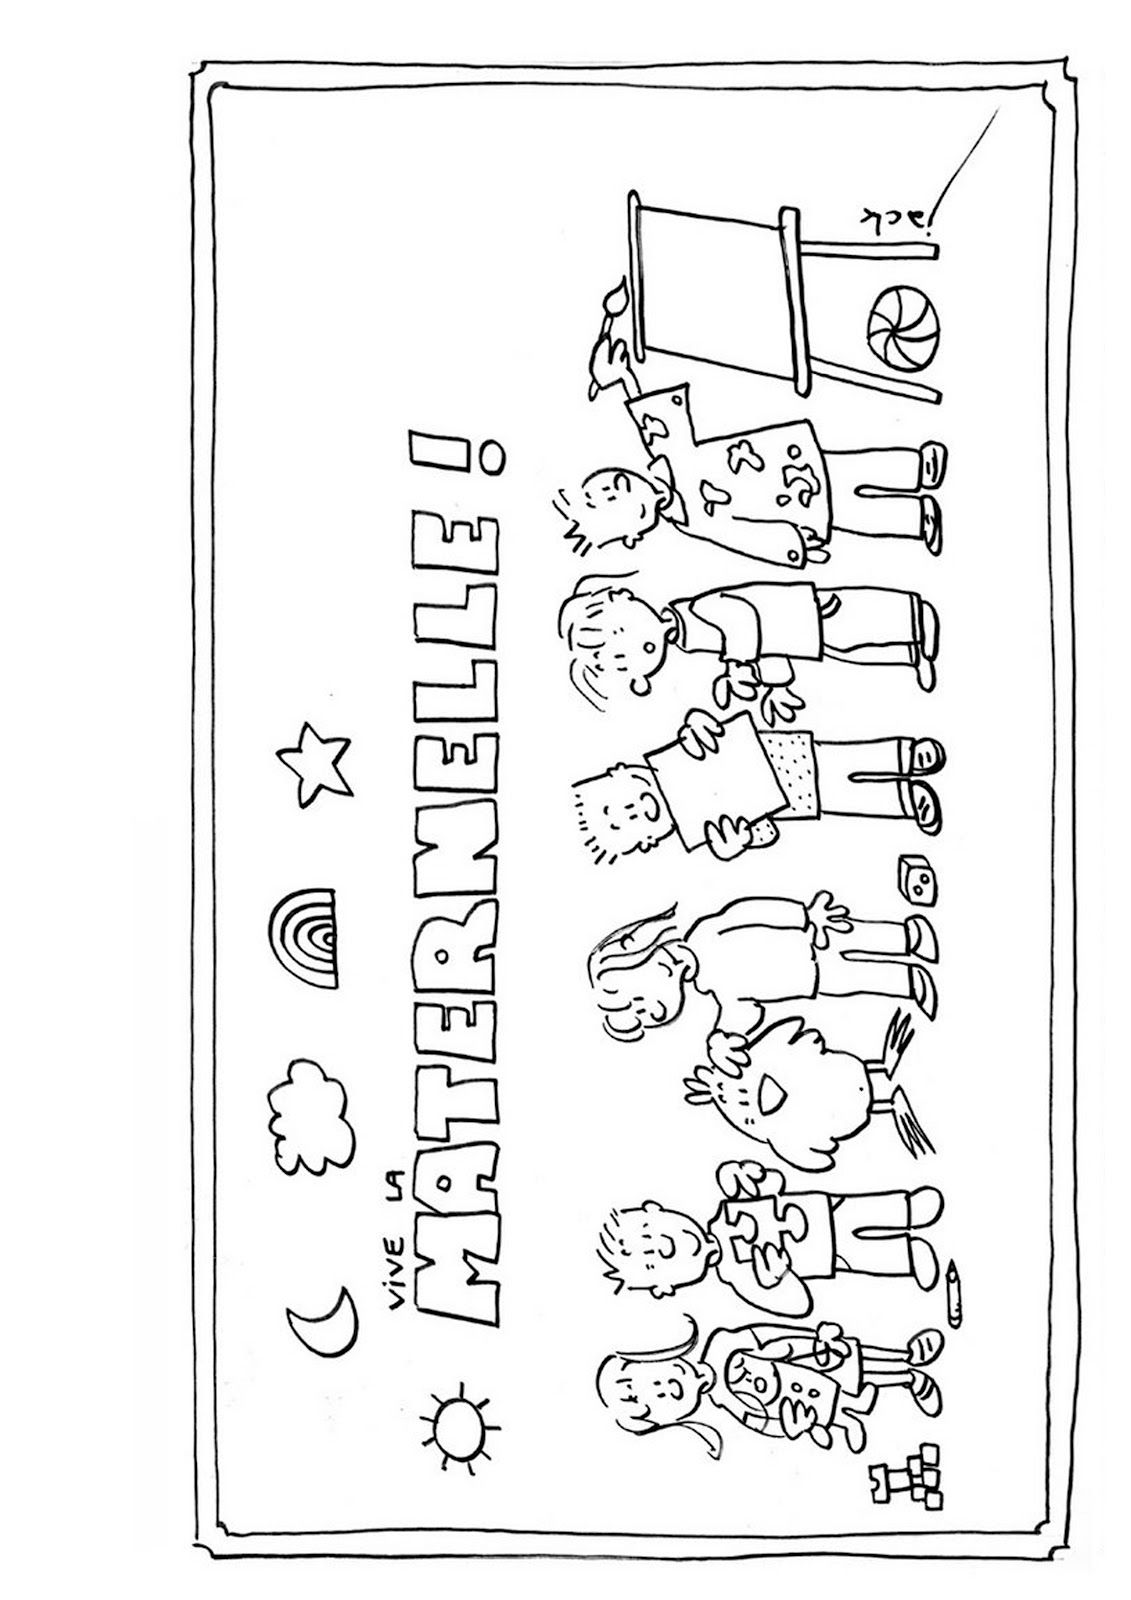 Danger cole affichages utiles en vrac direction pinterest maternelle scolaire et - Dessin maitresse ecole ...